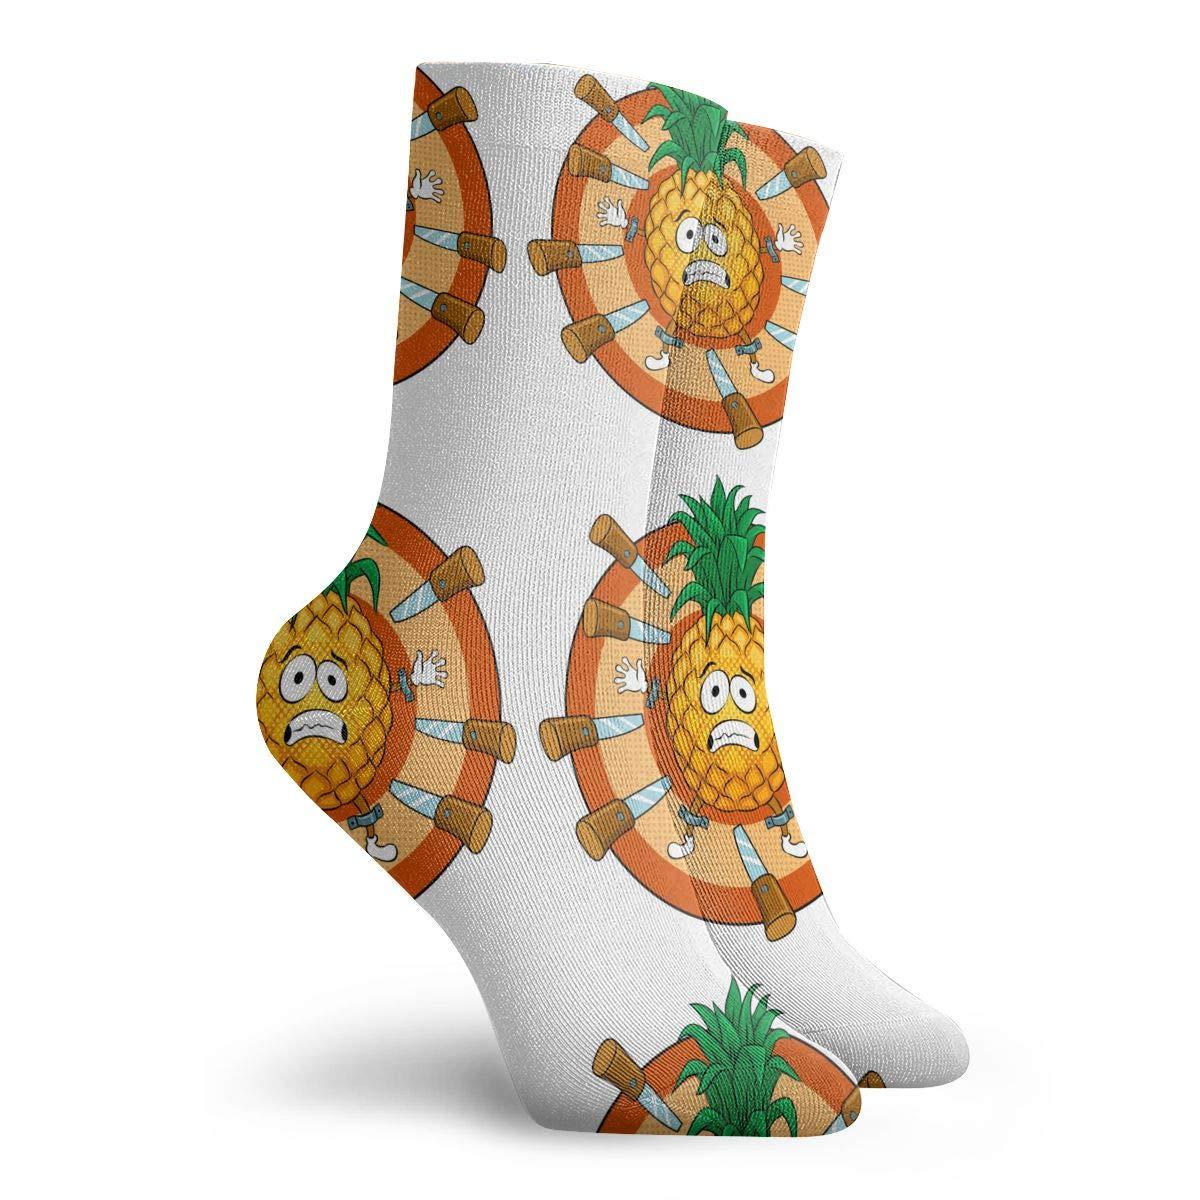 Unisex Pineapple Art Athletic Quarter Ankle Print Breathable Hiking Running Socks